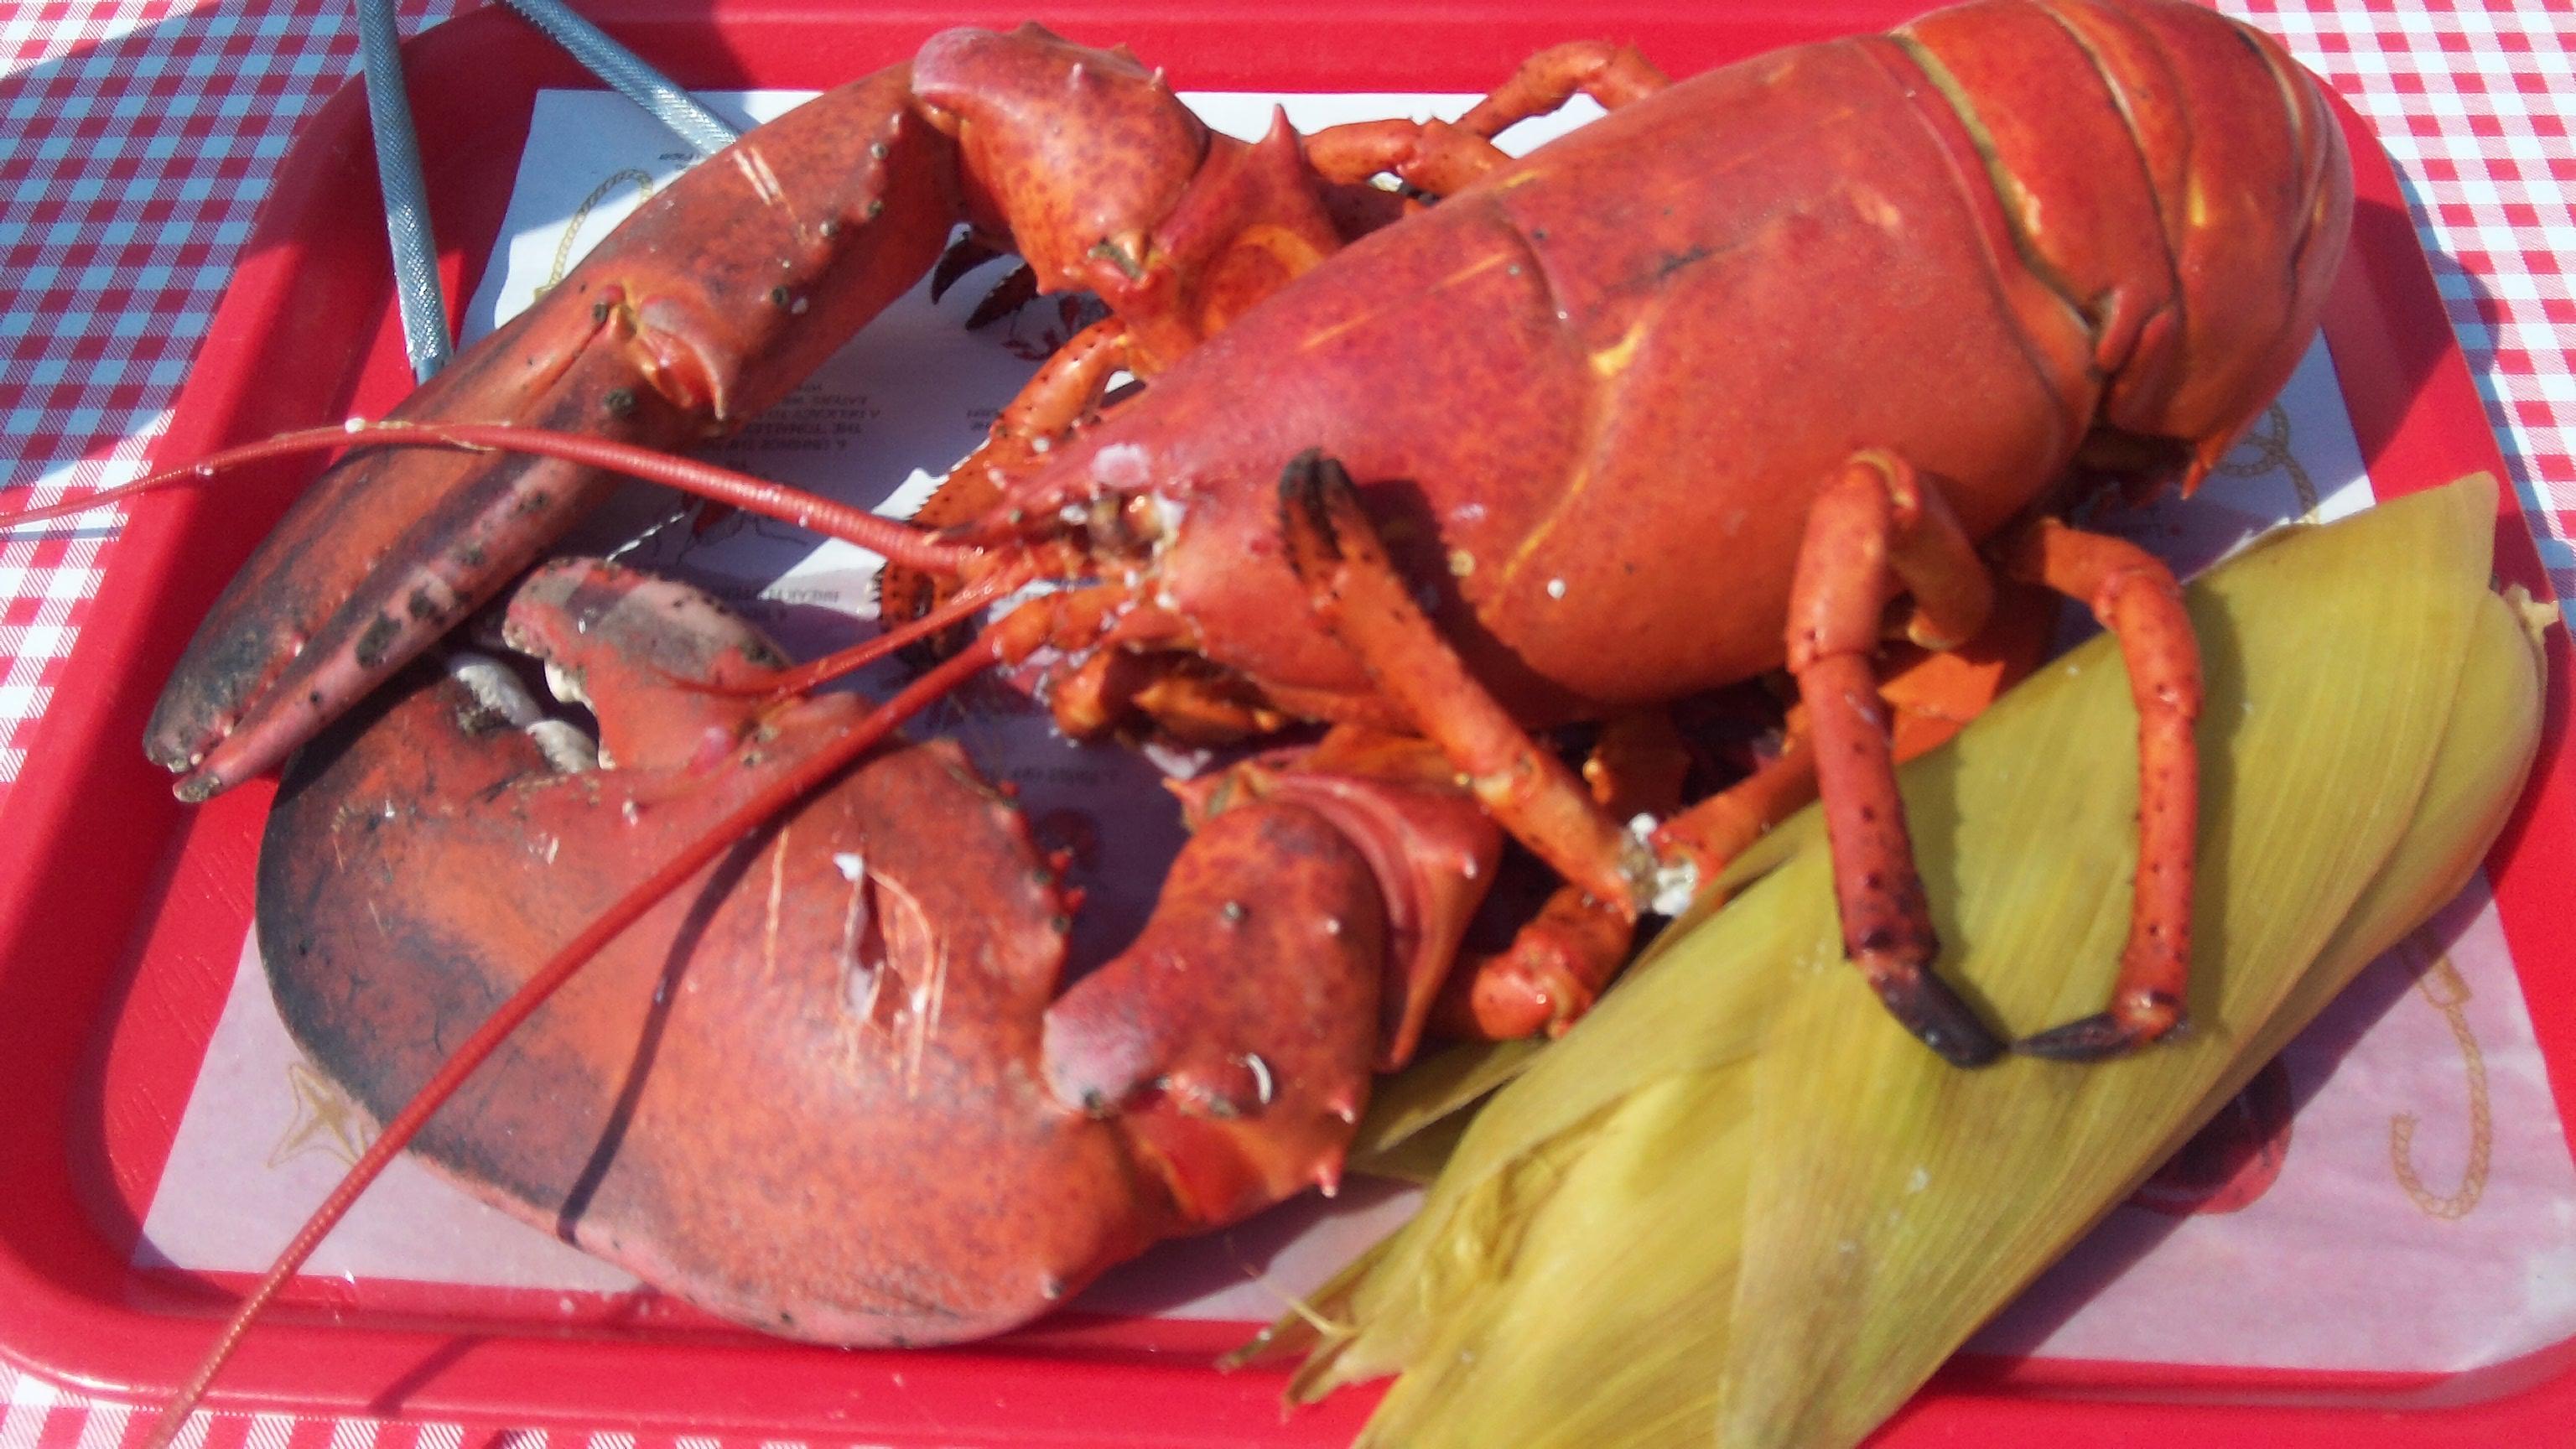 trenton's best lobster pound